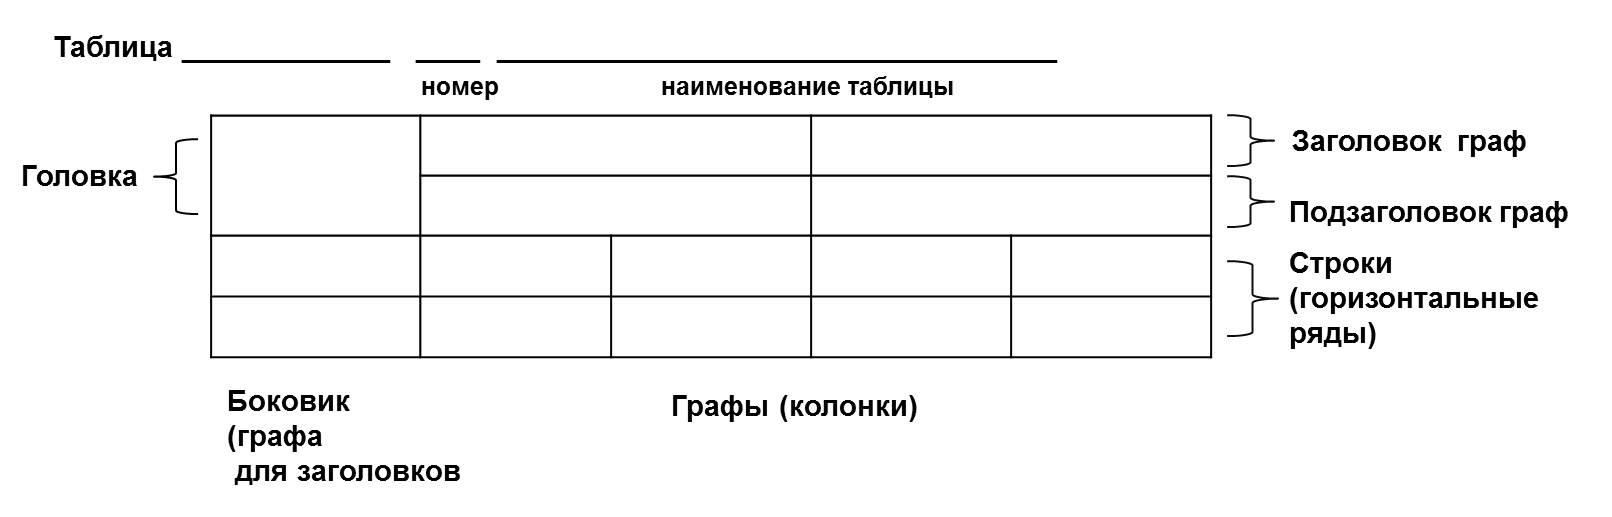 Как оформлять таблицы Презентации по физике Пример оформления таблицы в дипломной работе по ГОСТу